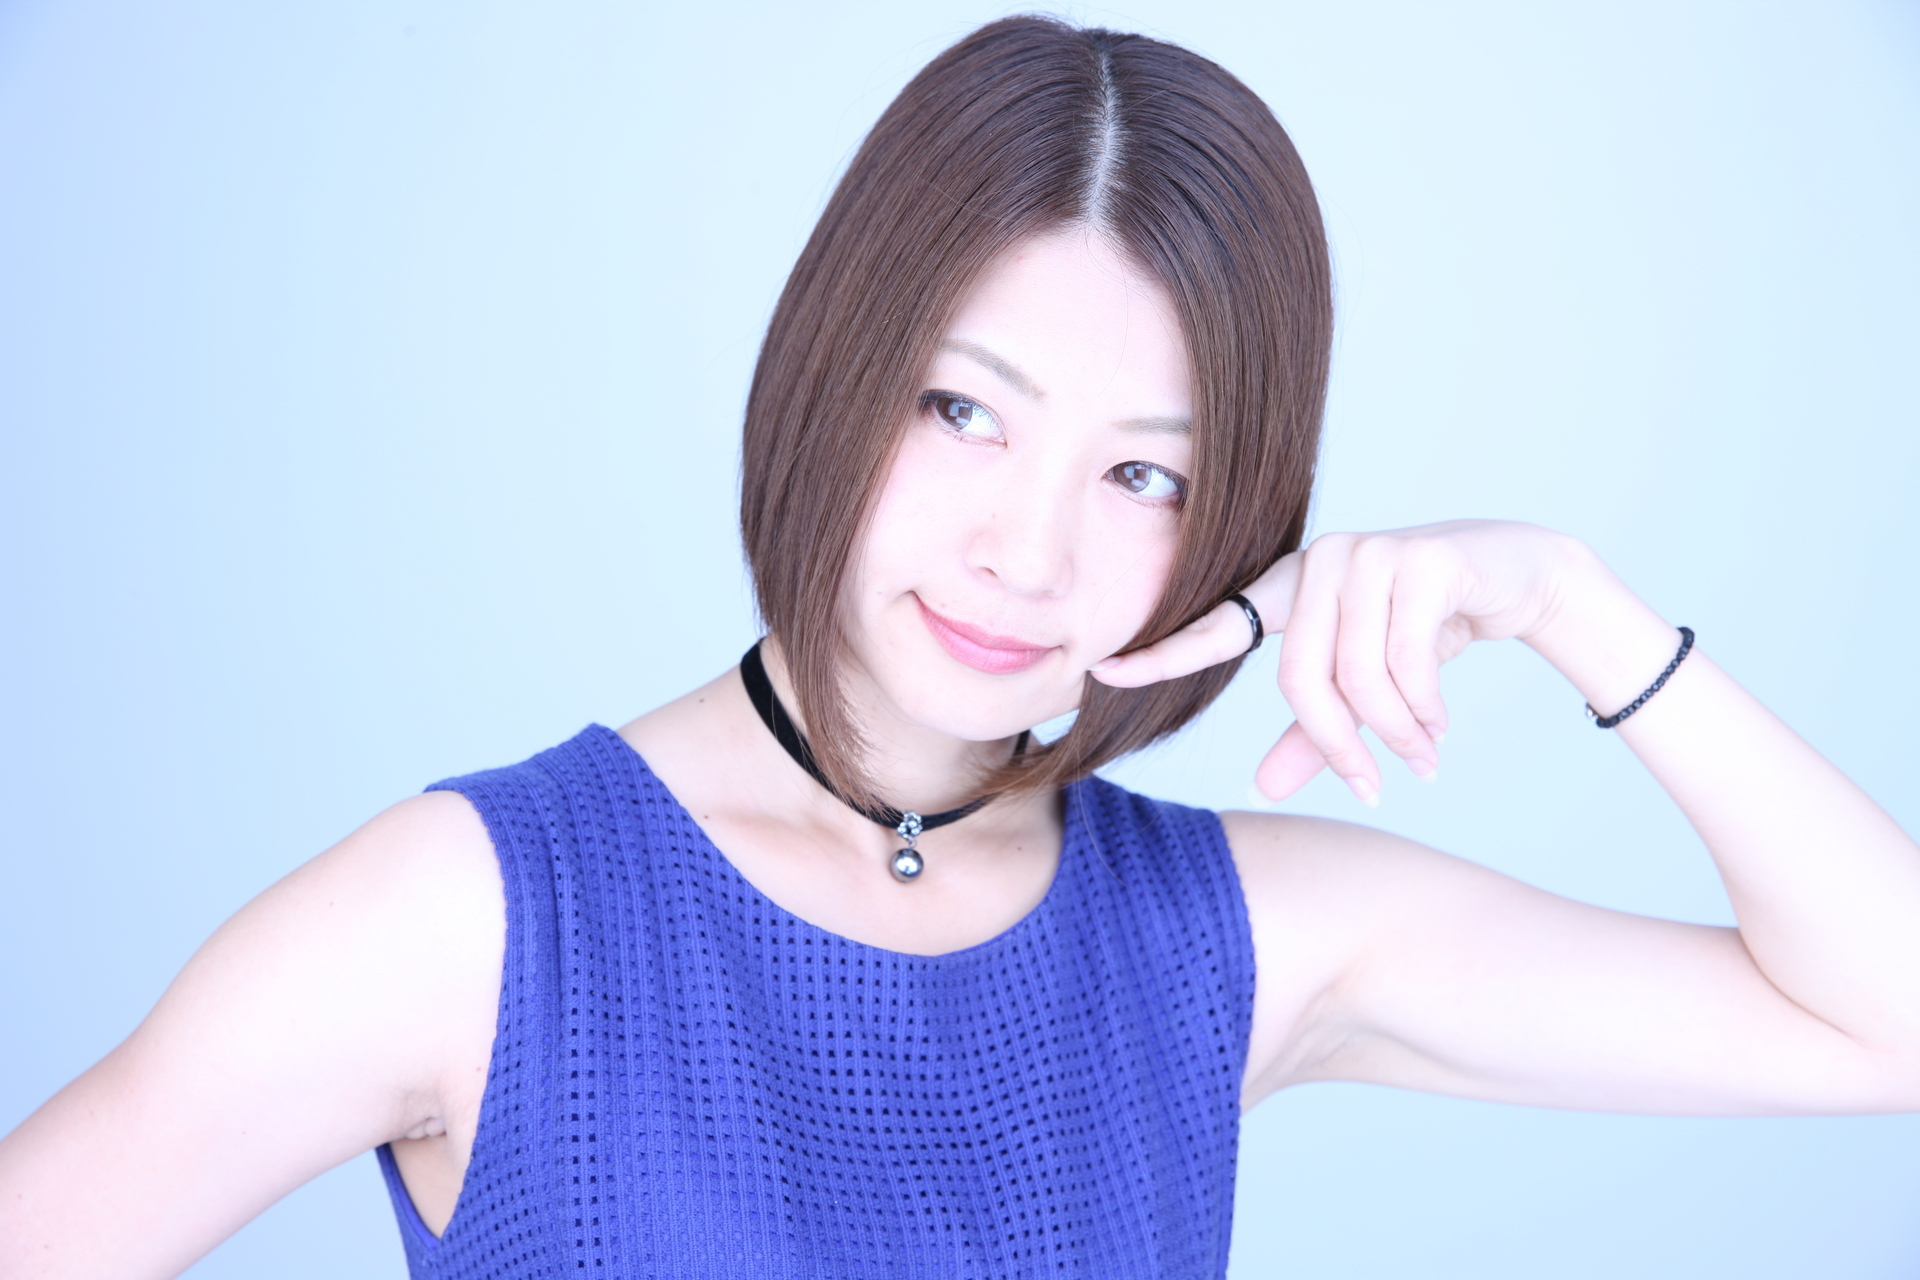 【なな】記念すべきCDデビュー応援キャンペーン